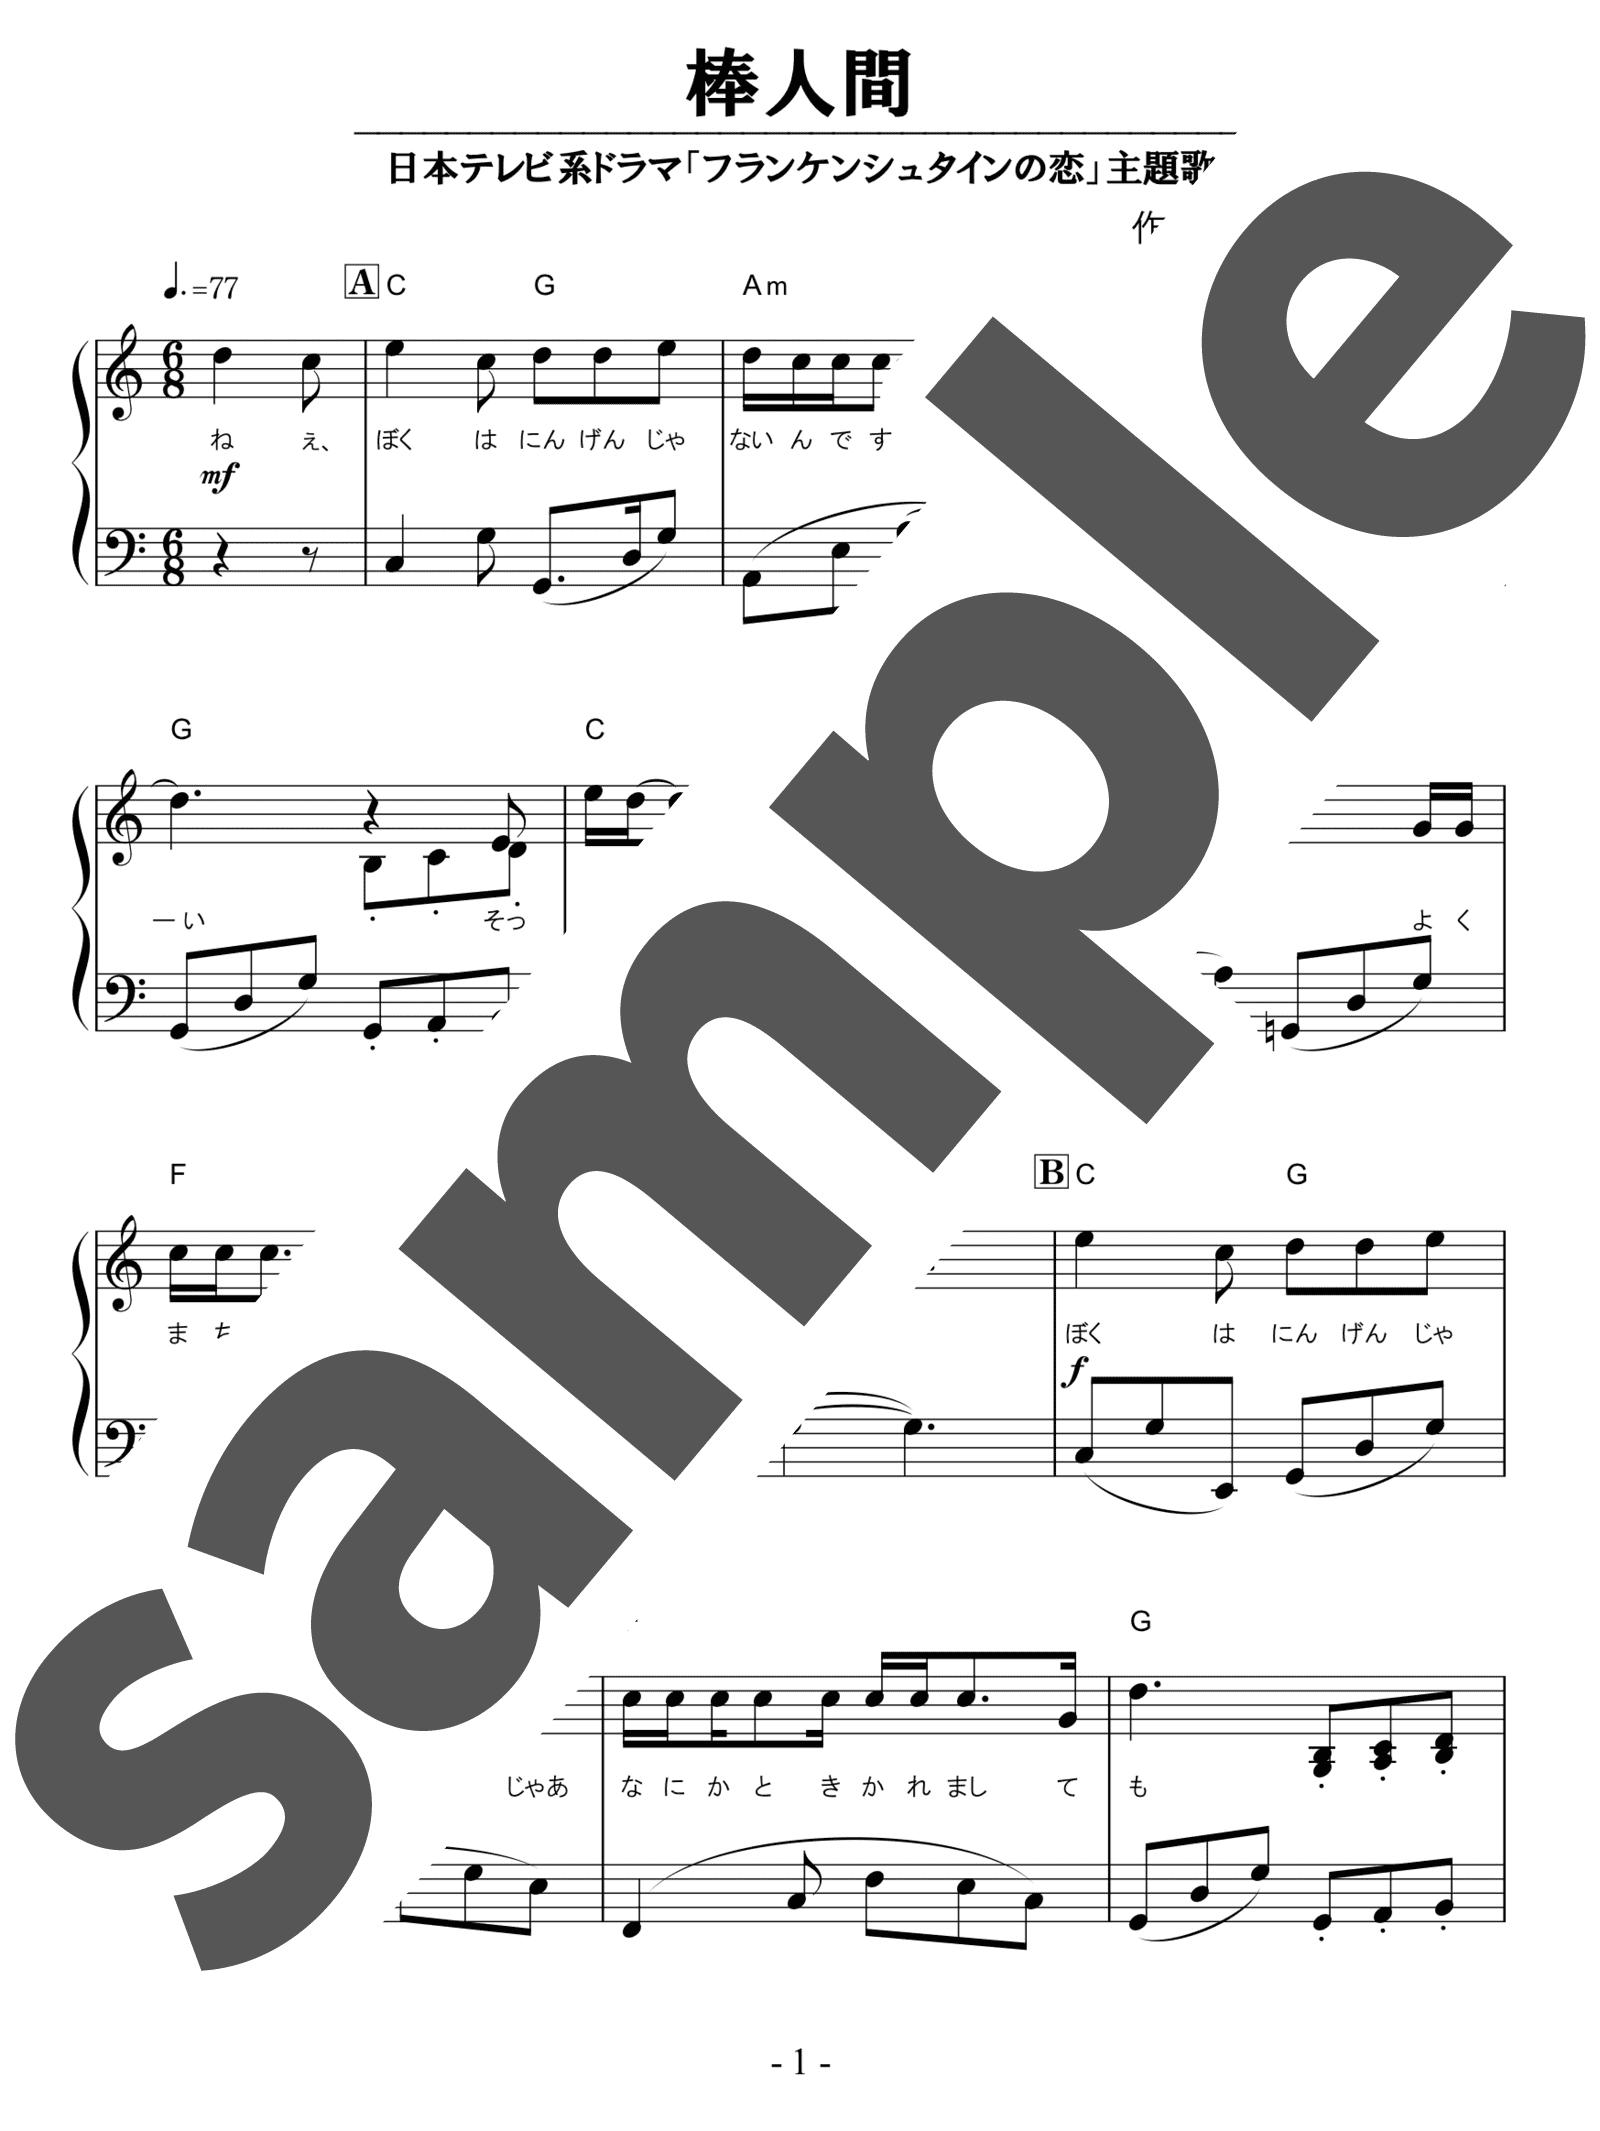 「棒人間」のサンプル楽譜